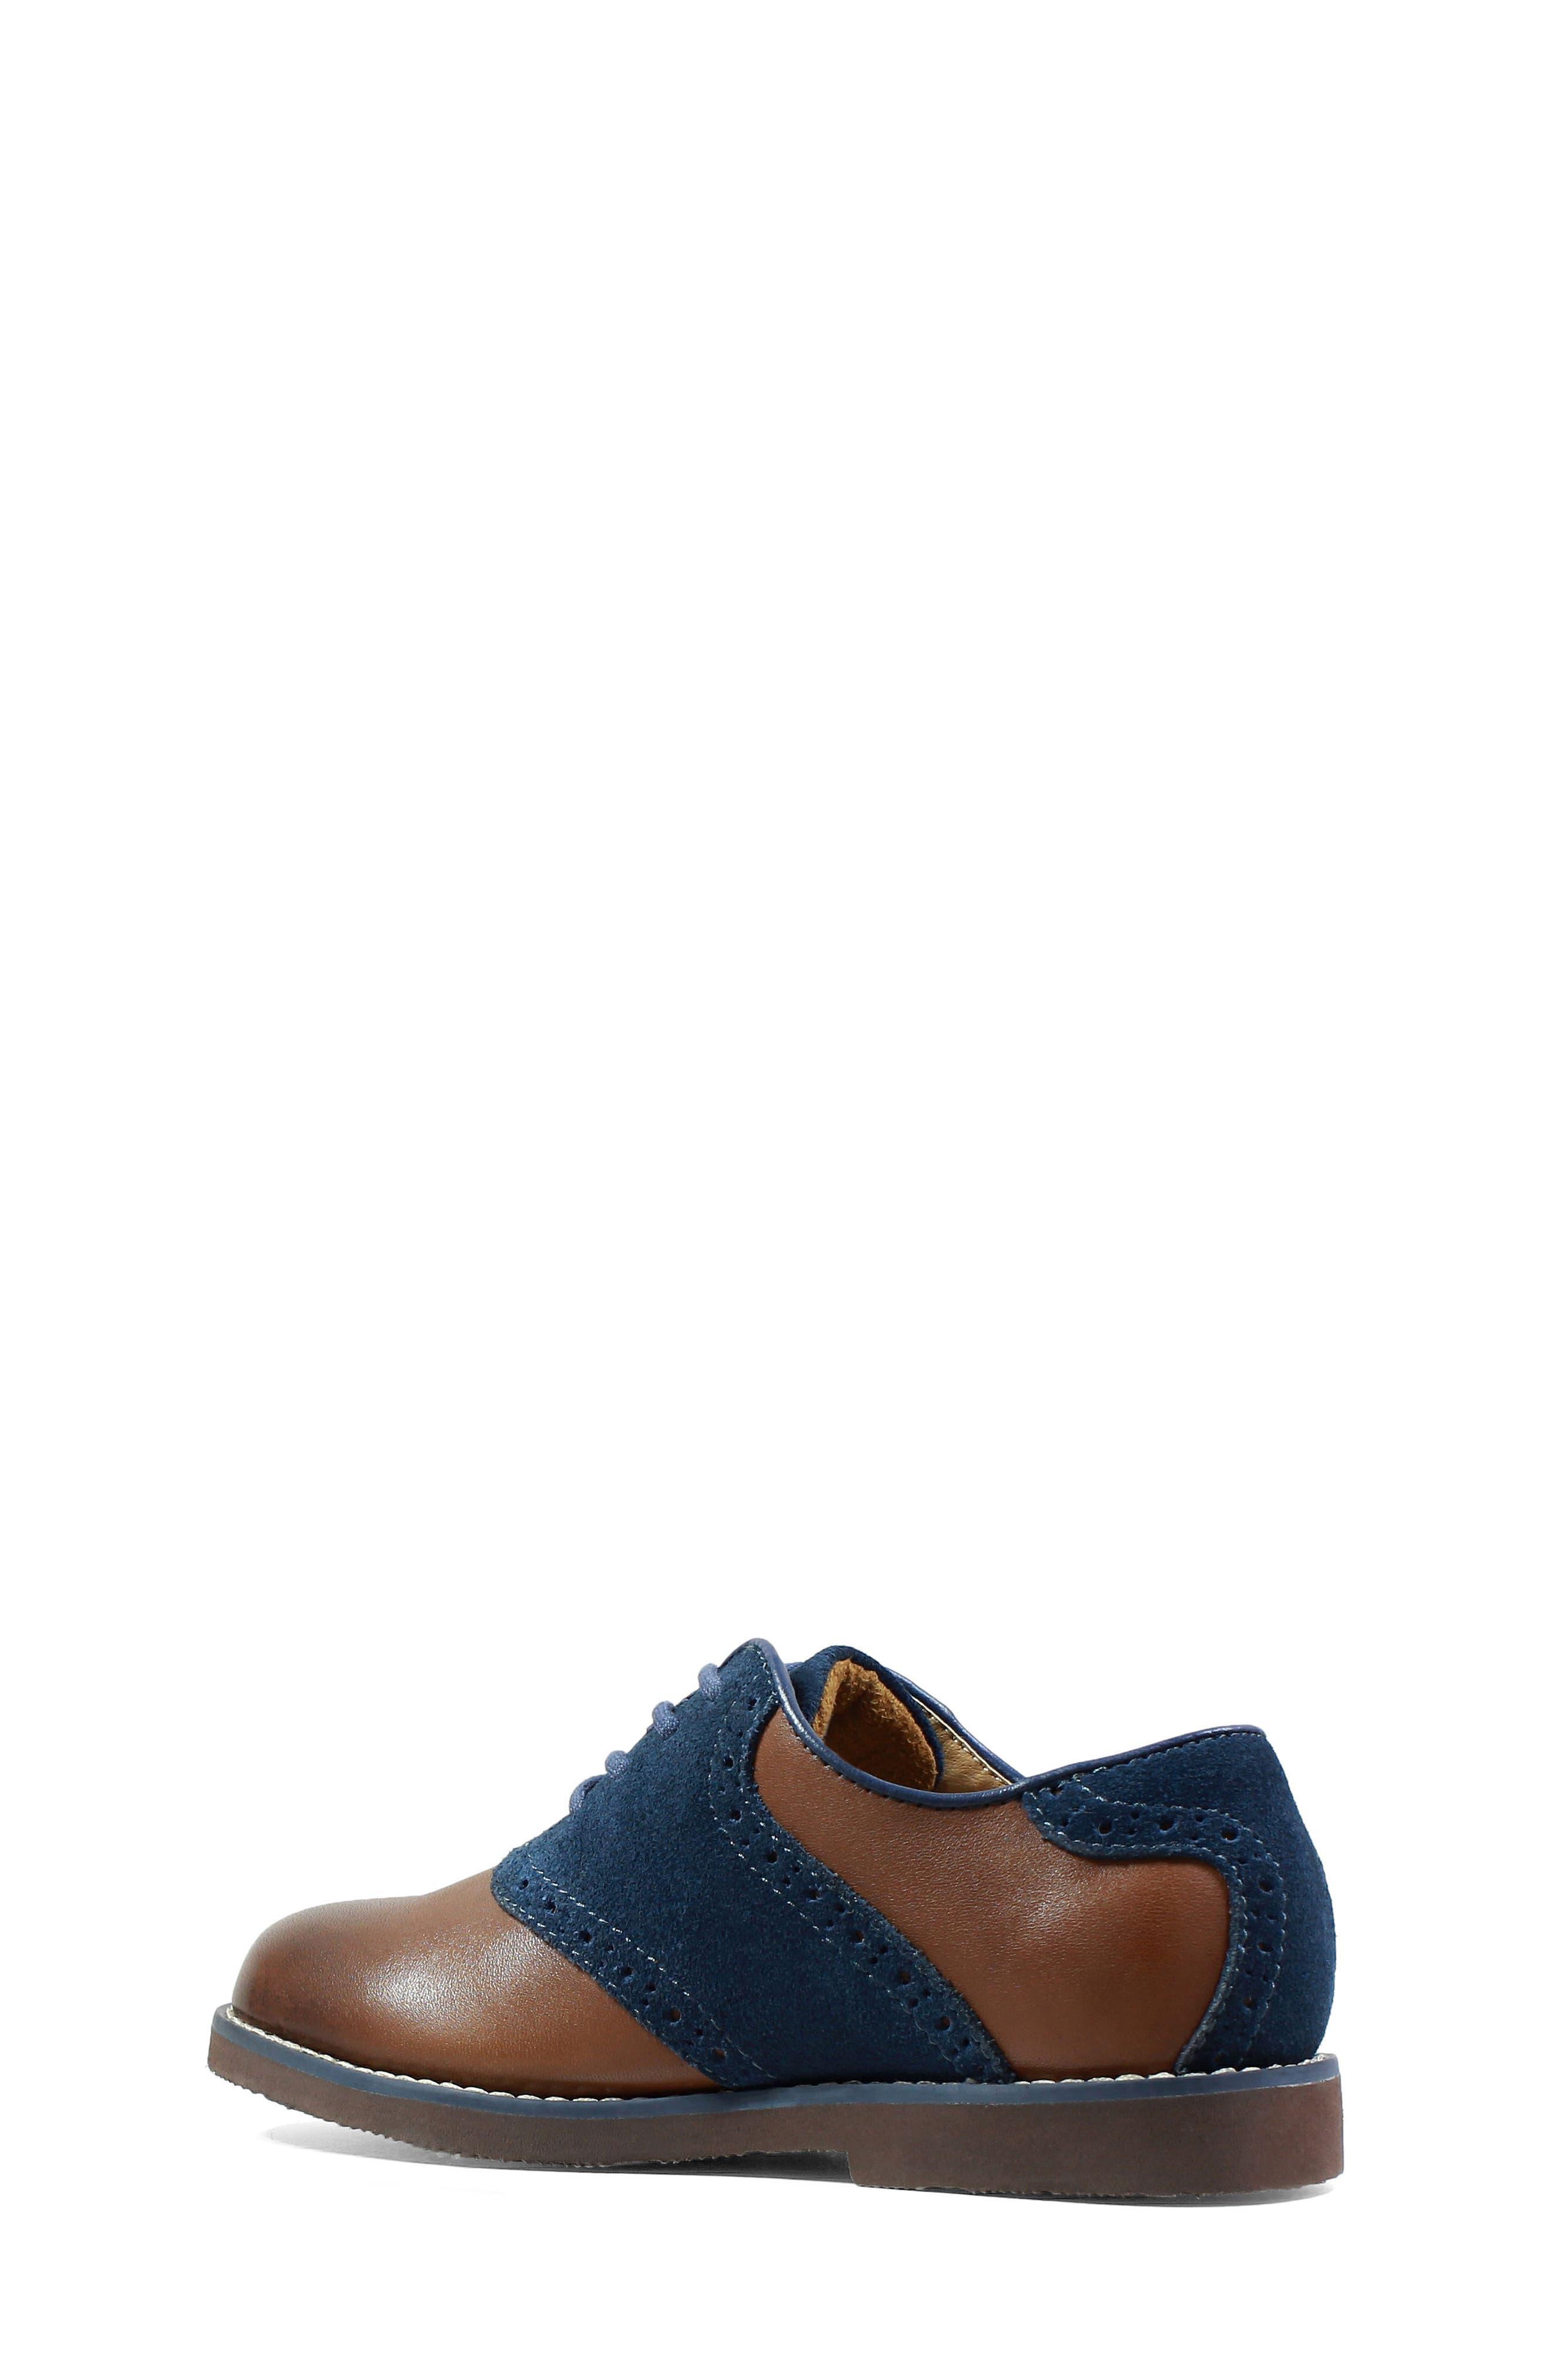 Alternate Image 2  - Florsheim 'Kennett Jr. II' Saddle Shoe (Toddler, Little Kid & Big Kid)